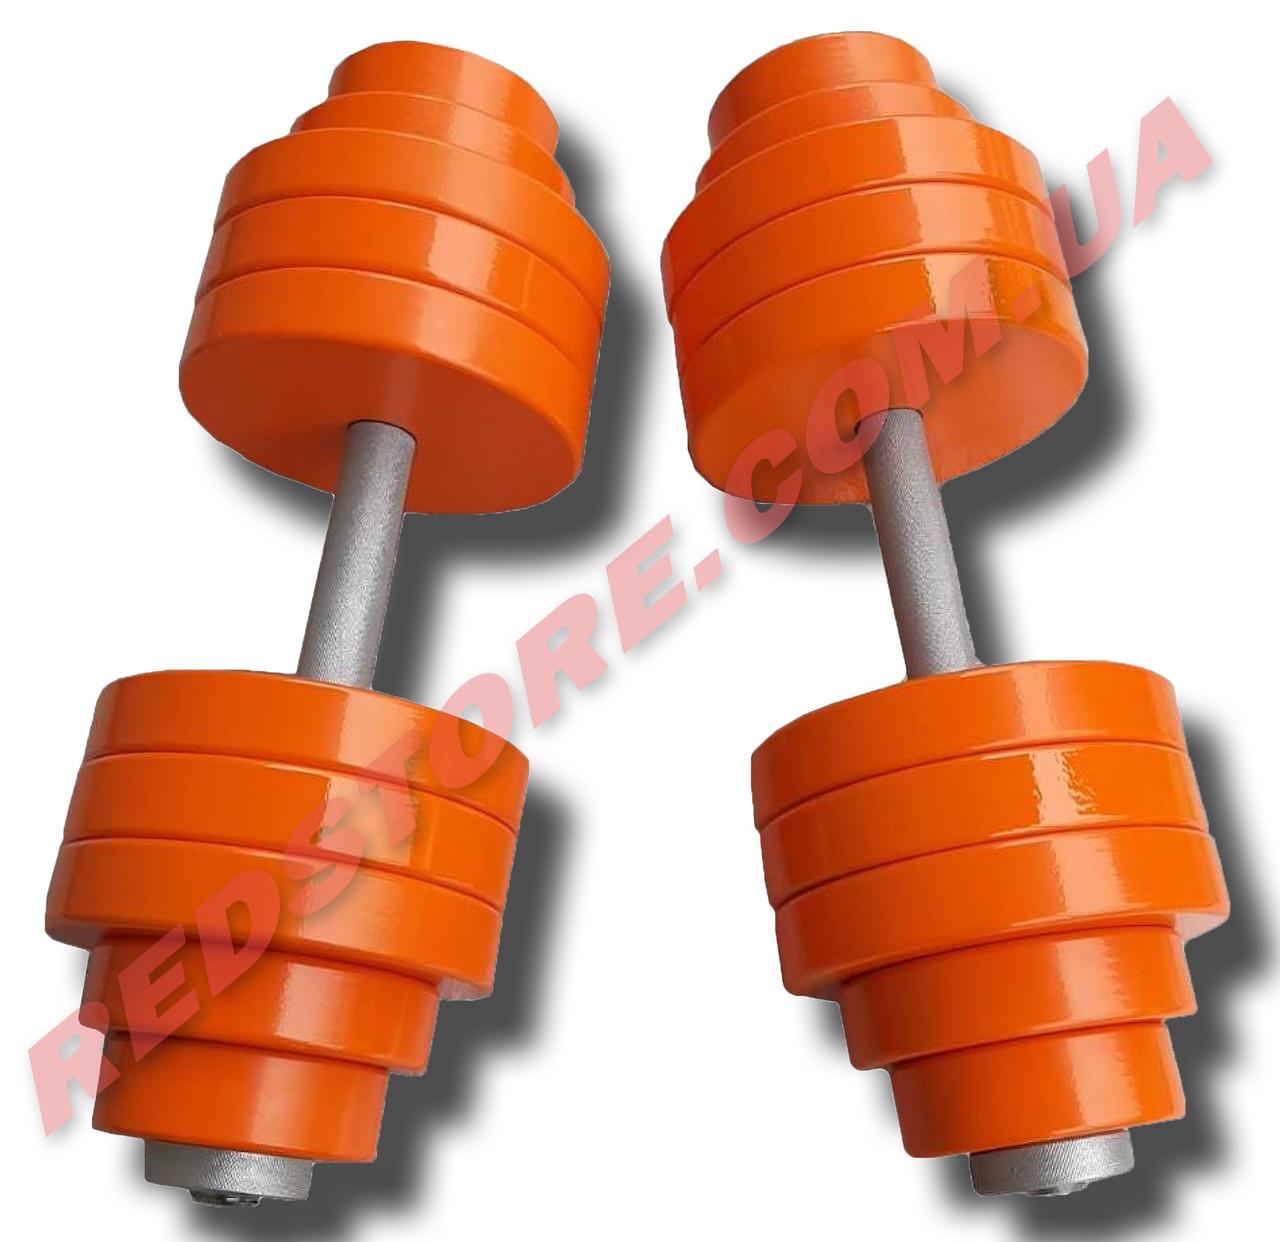 Гантели наборные 2 по 42 кг металлические с полимерным покрытием (общий вес 84 кг) разборные